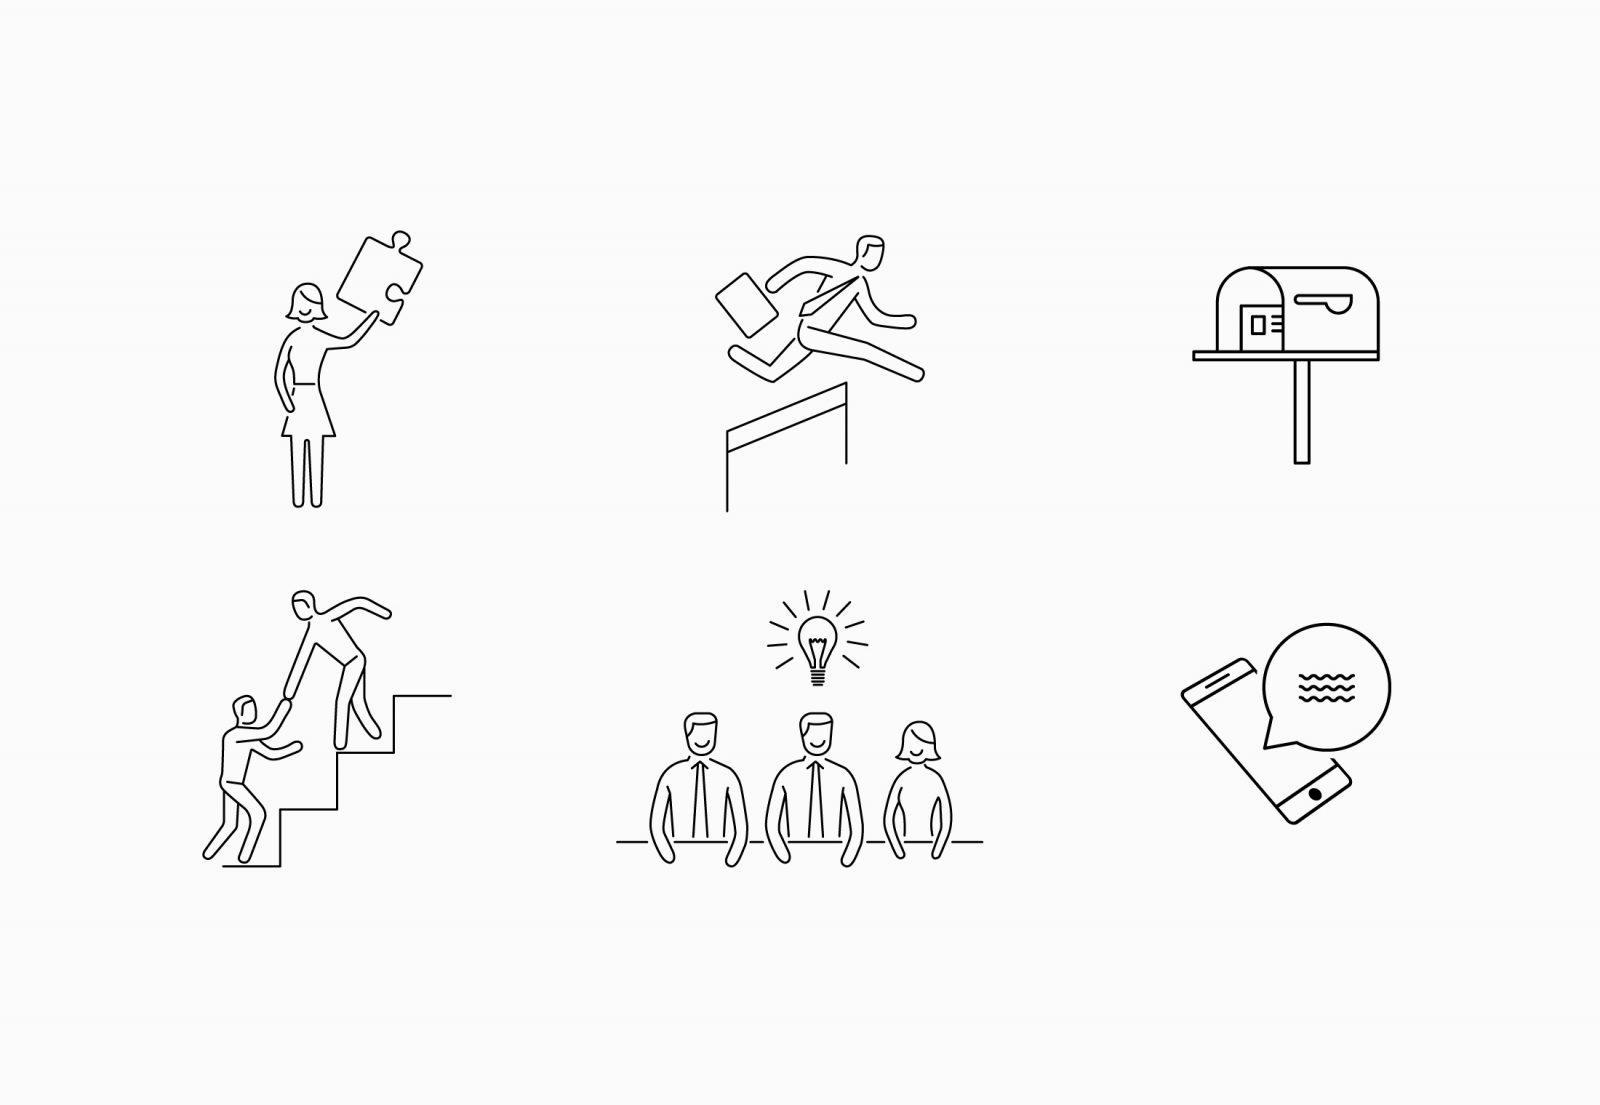 Scaffold Executive Coaching Icon Design